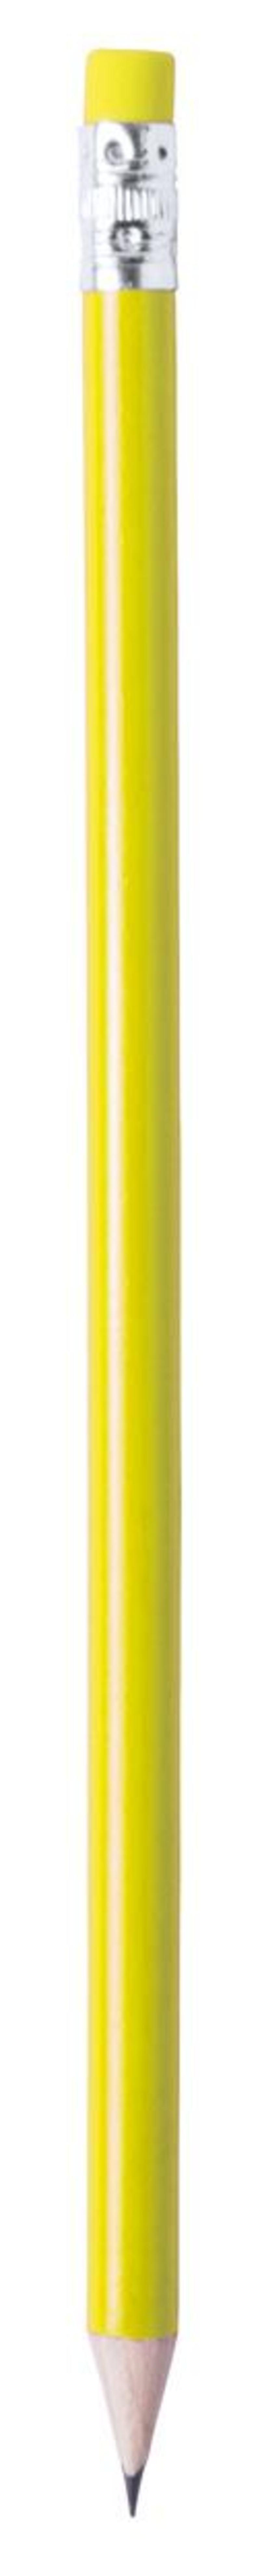 Melart pencil